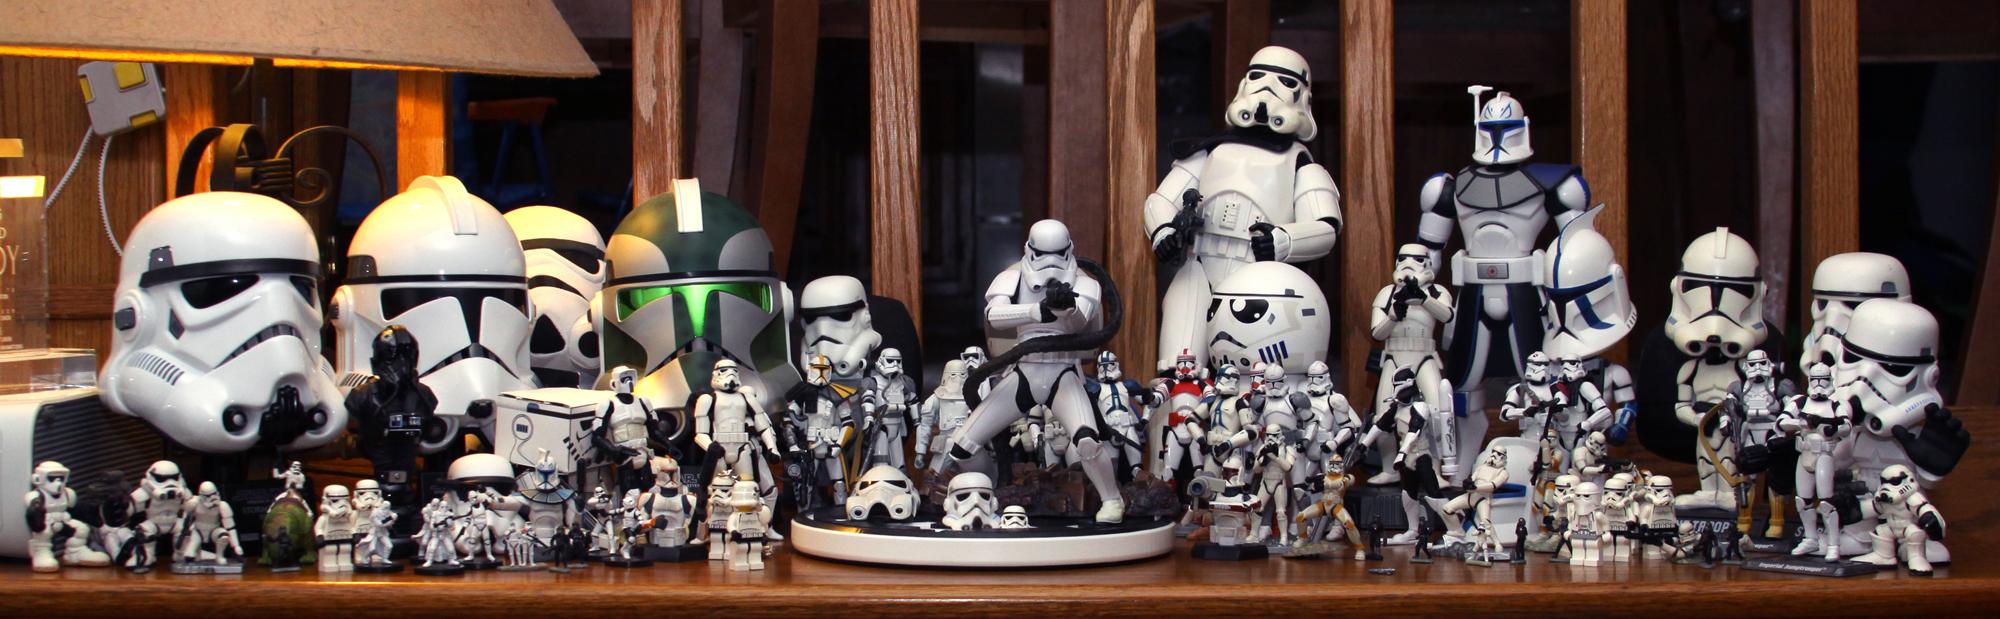 Troopers On My Desk by DanielMead